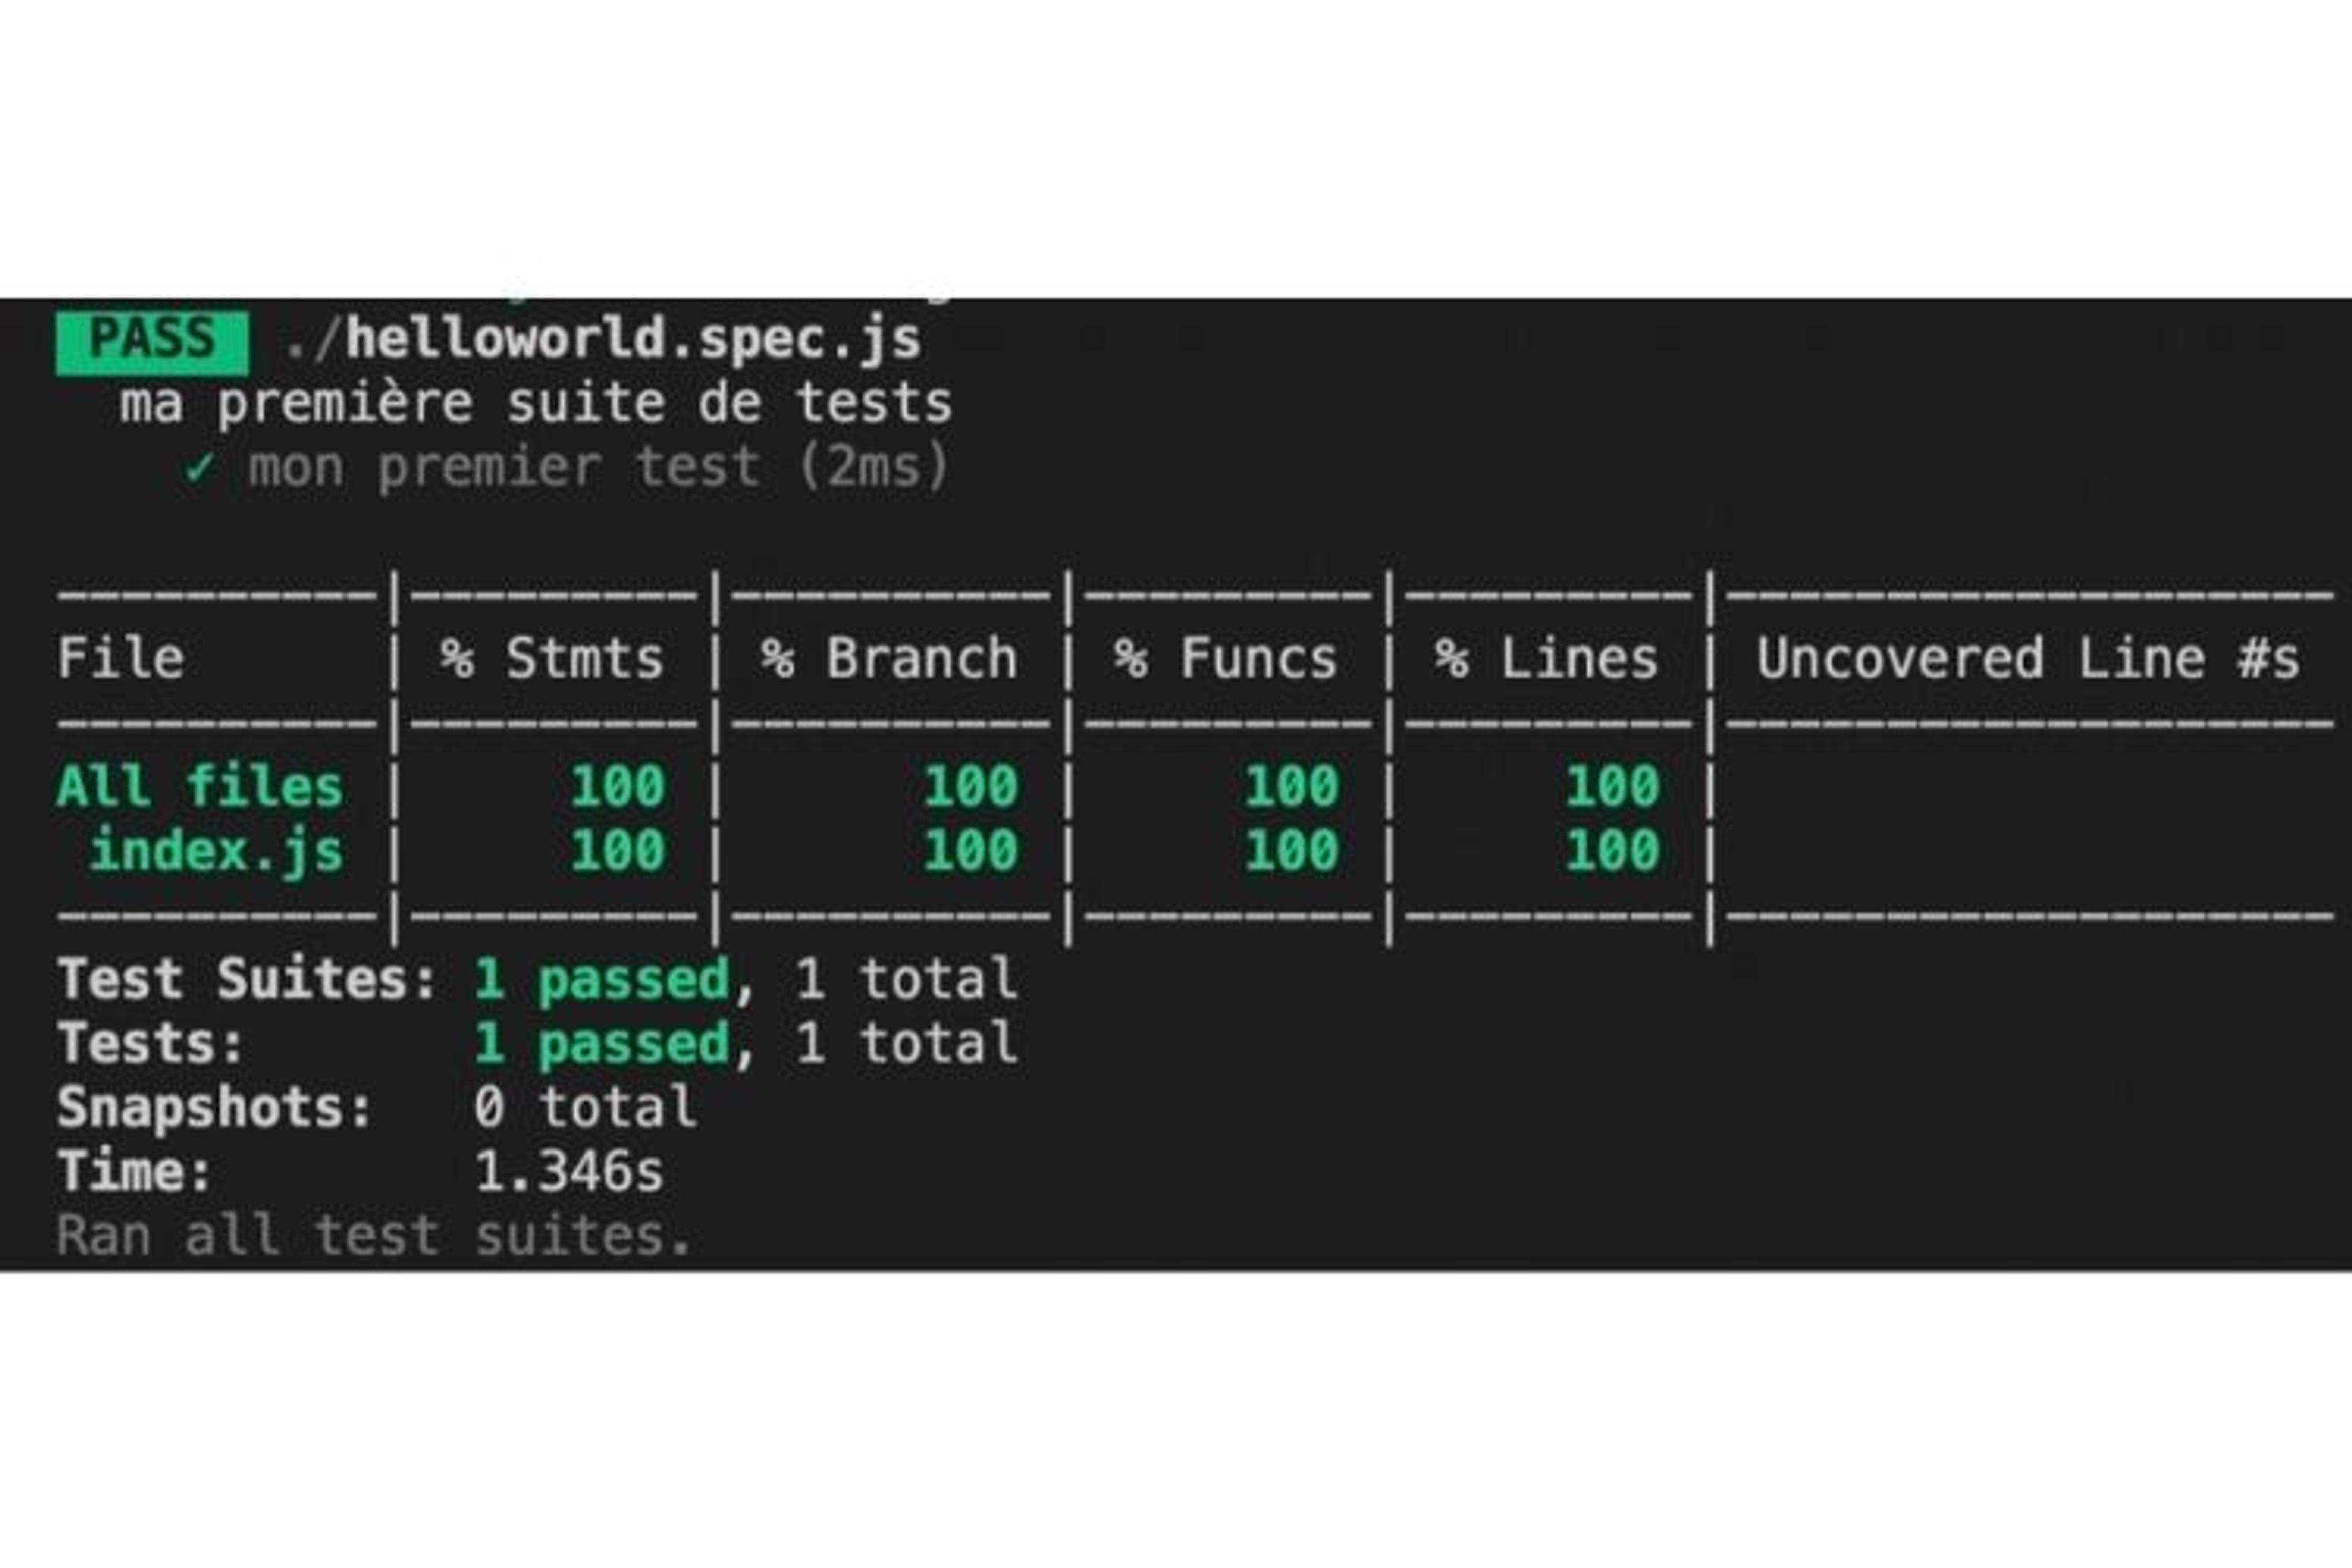 Notre couverture de test est à 100% car notre test unitaire passe bien par toutes les lignes de code du fichier index.js